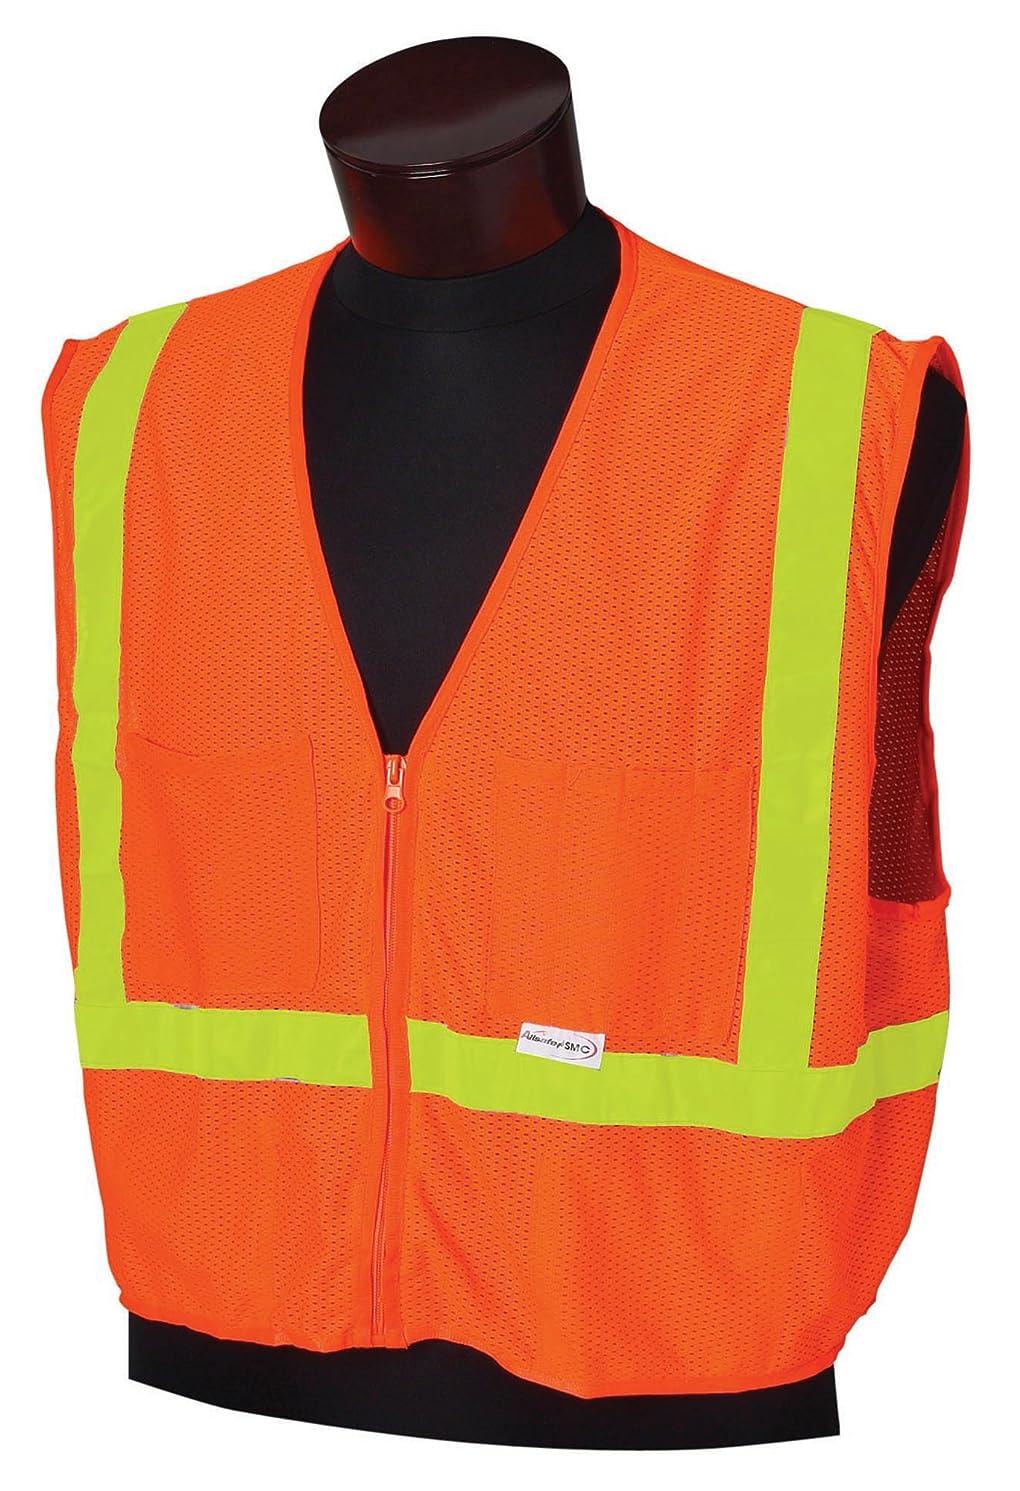 絶えずメロディアスサミットJackson Safety ANSI Class 1 Polyester Deluxe Style Safety Vest with Lime Prismatic by Jackson Safety